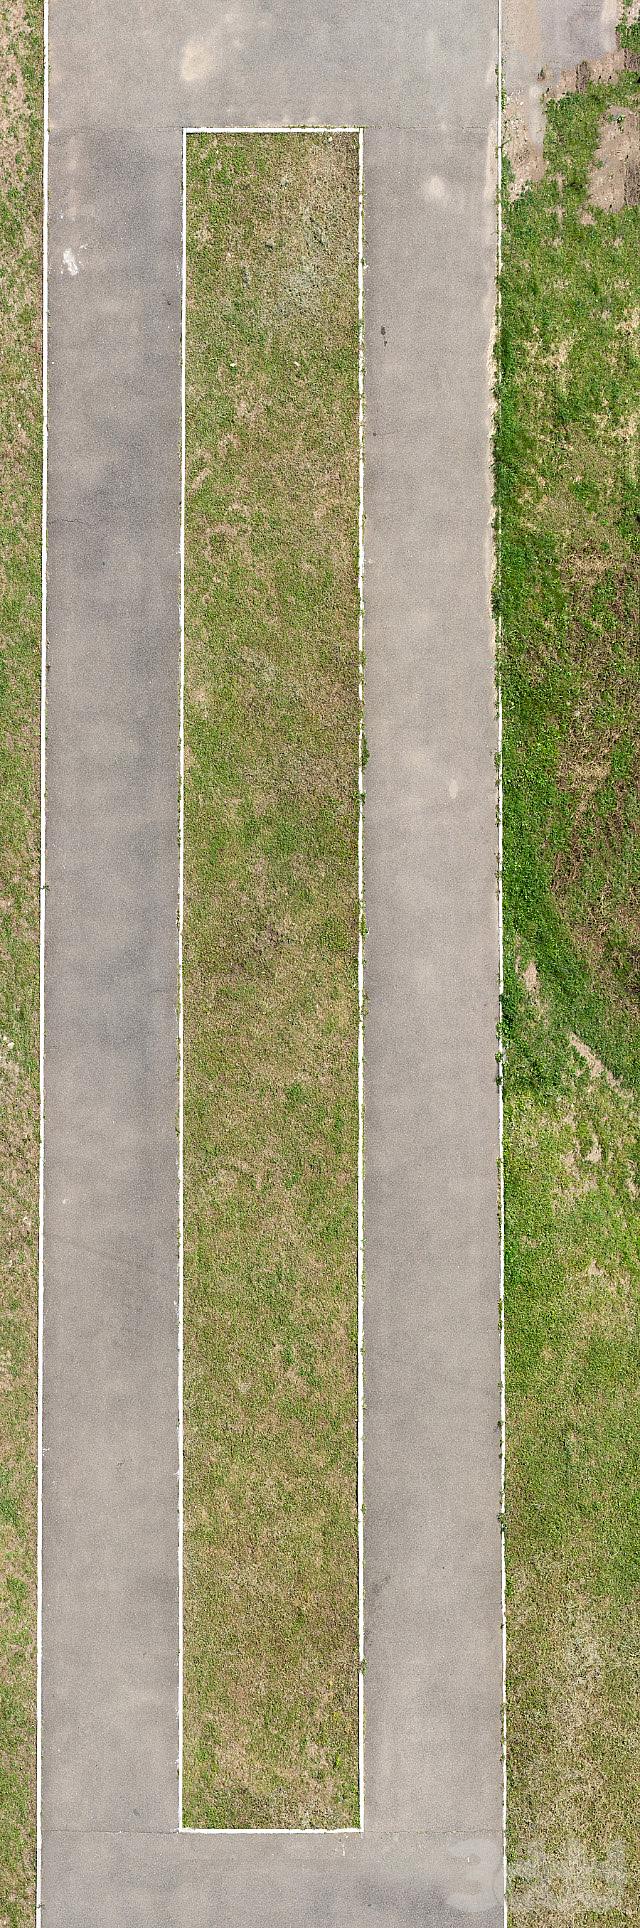 Панорама, беки, фасады, трава, асфальт из Майкопа